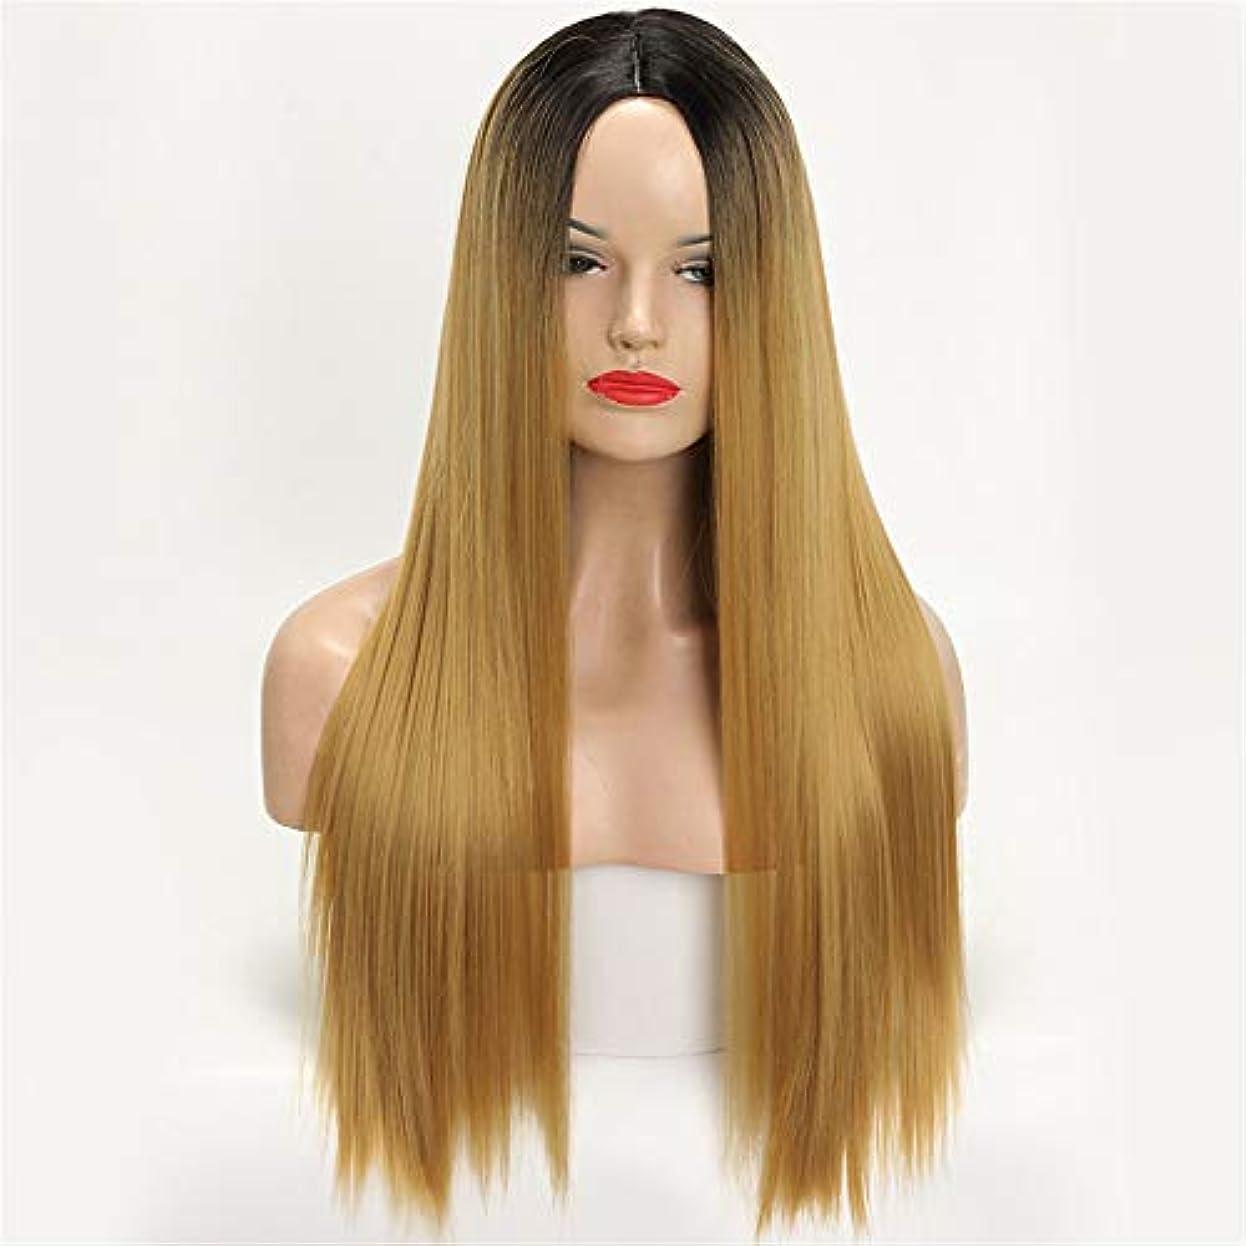 構想する甘やかすデッドかつらロングストレートヘア女性勾配化学繊維フードオンブルブラックブロンドロングストレート高温合成繊維ウィッグ女性用ウィッグ30インチ